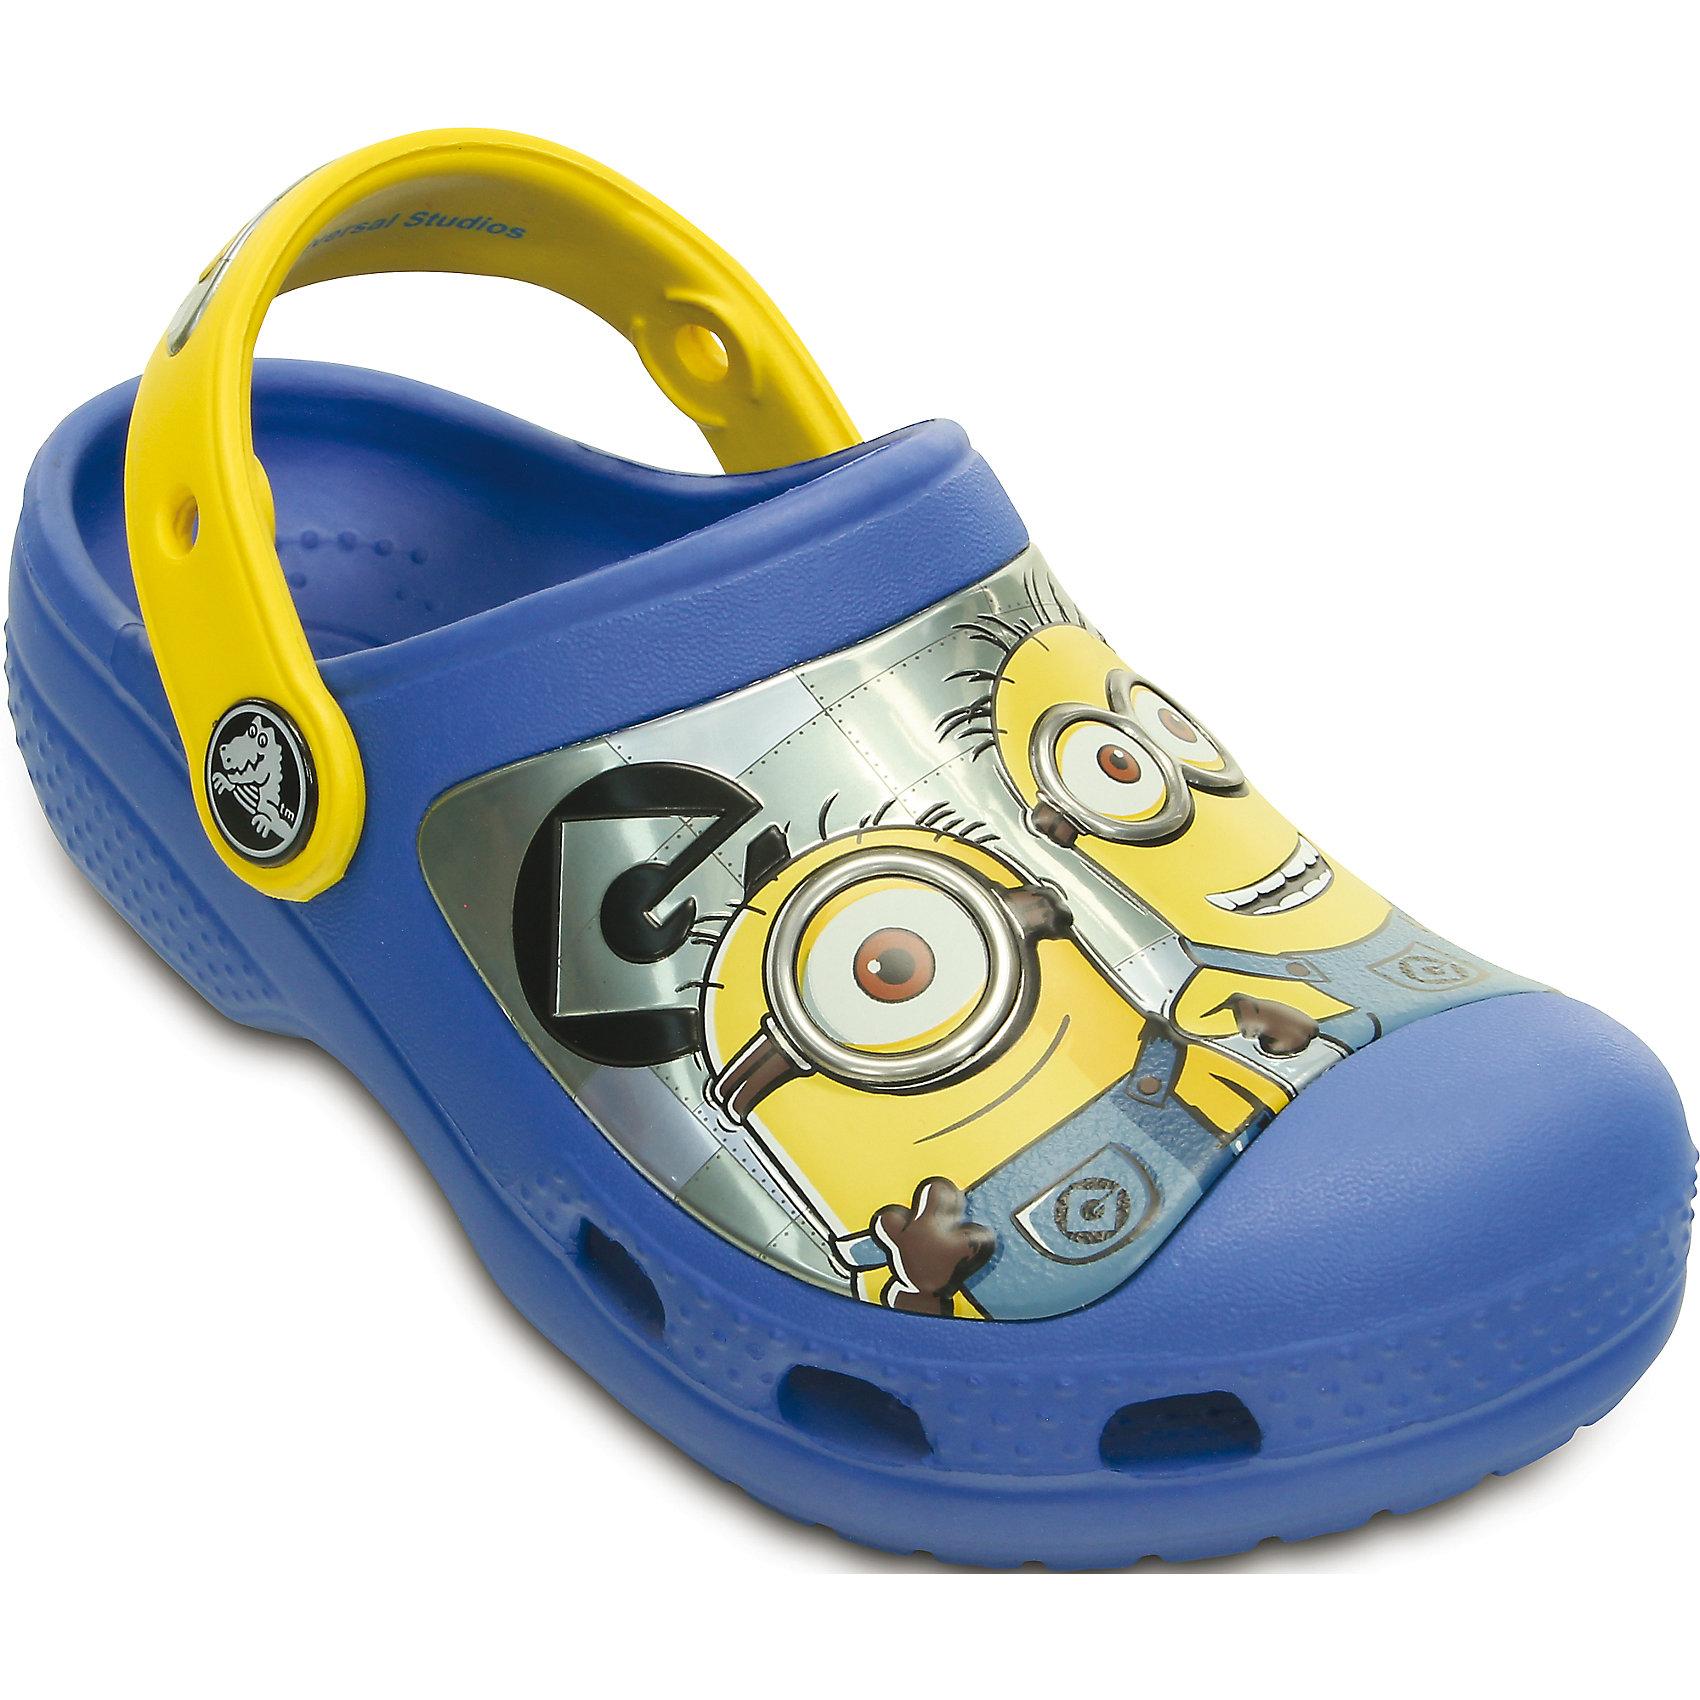 Сабо CC Minions Clg CrocsПляжная обувь<br>Характеристики товара:<br><br>• цвет: синий<br>• материал: 100% полимер Croslite™<br>• литая модель<br>• вентиляционные отверстия<br>• бактериостатичный материал<br>• пяточный ремешок фиксирует стопу<br>• толстая устойчивая подошва<br>• с принтом<br>• анатомическая стелька с массажными точками стимулирует кровообращение<br>• страна бренда: США<br>• страна изготовитель: Китай<br><br>Для правильного развития ребенка крайне важно, чтобы обувь была удобной. Такие сабо обеспечивают детям необходимый комфорт, а анатомическая стелька с массажными линиями для стимуляции кровообращения позволяет ножкам дольше не уставать. Сабо легко надеваются и снимаются, отлично сидят на ноге. Материал, из которого они сделаны, не дает размножаться бактериям, поэтому такая обувь препятствует образованию неприятного запаха и появлению болезней стоп. <br>Обувь от американского бренда Crocs в данный момент завоевала широкую популярность во всем мире, и это не удивительно - ведь она невероятно удобна. Её носят врачи, спортсмены, звёзды шоу-бизнеса, люди, которым много времени приходится бывать на ногах - они понимают, как важна комфортная обувь. Продукция Crocs - это качественные товары, созданные с применением новейших технологий. Обувь отличается стильным дизайном и продуманной конструкцией. Изделие производится из качественных и проверенных материалов, которые безопасны для детей.<br><br>Сабо от торговой марки Crocs можно купить в нашем интернет-магазине.<br><br>Ширина мм: 225<br>Глубина мм: 139<br>Высота мм: 112<br>Вес г: 290<br>Цвет: синий<br>Возраст от месяцев: -2147483648<br>Возраст до месяцев: 2147483647<br>Пол: Унисекс<br>Возраст: Детский<br>Размер: 25/26,27/28,29/30,31/32,23/24,21/22<br>SKU: 4639477